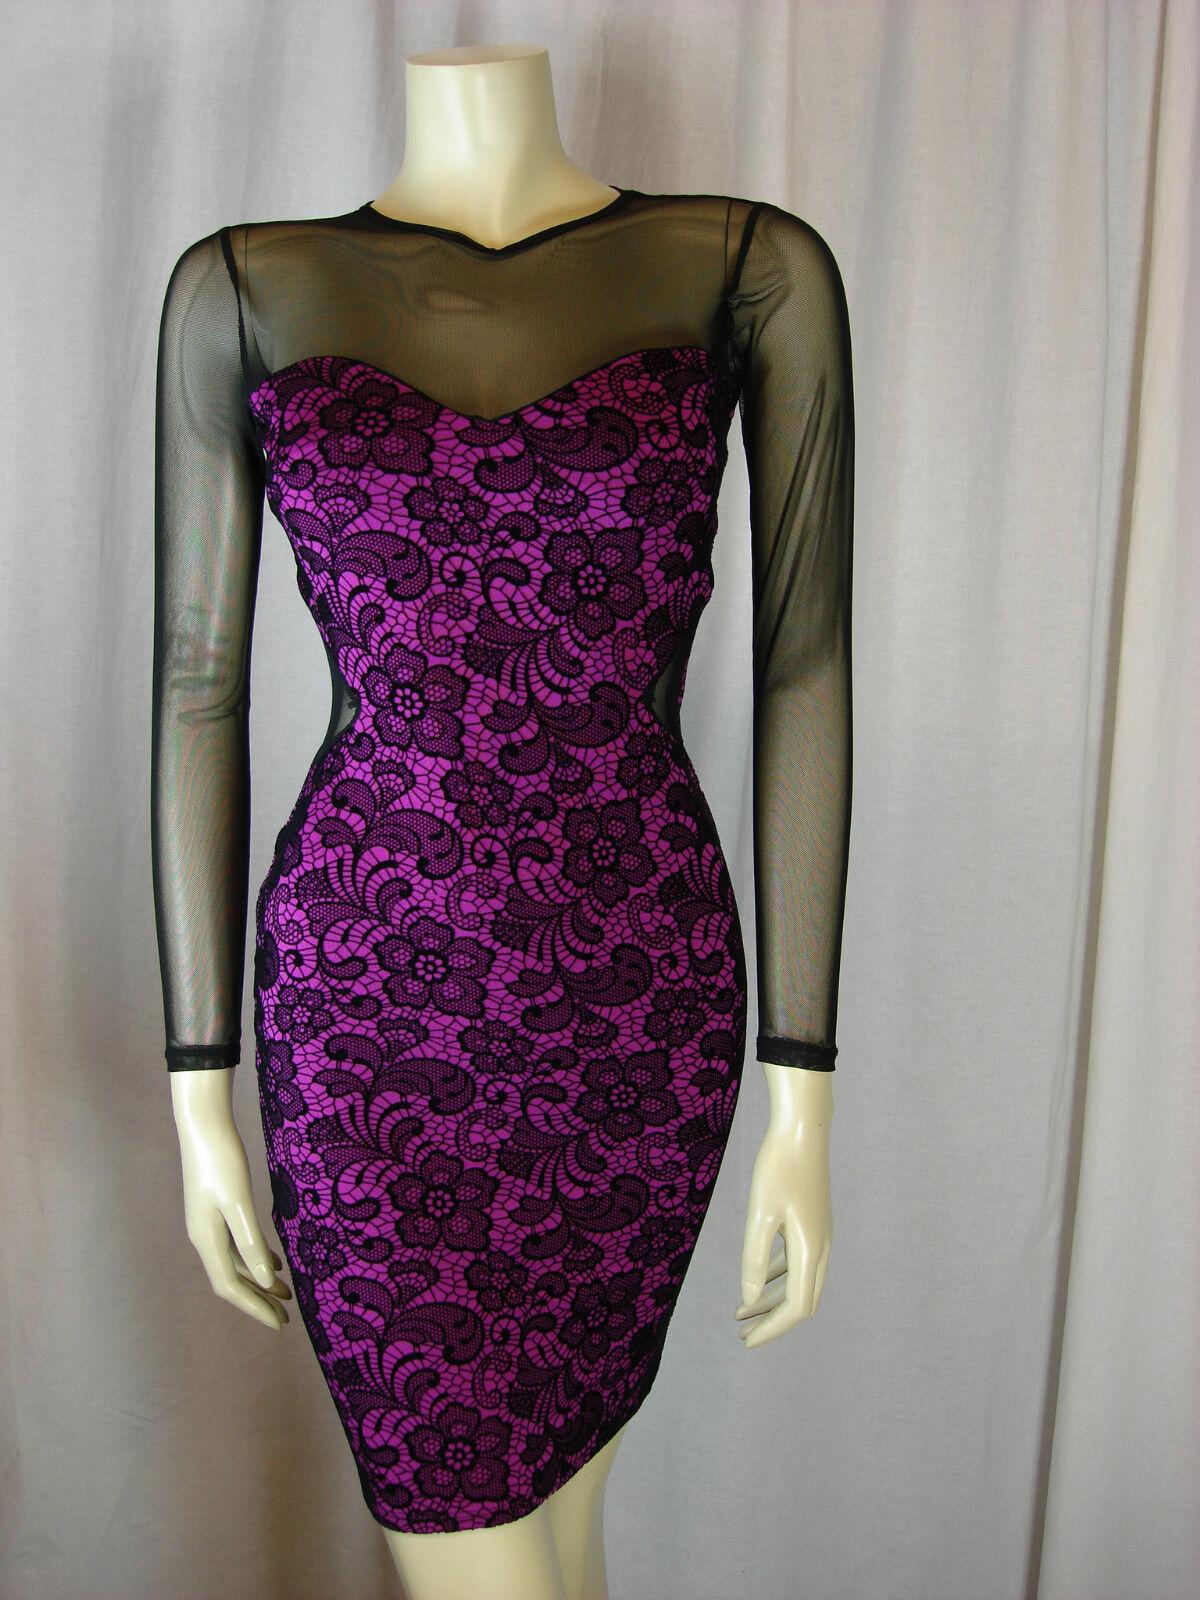 Jane Norman Pink Mesh Bodycon Dress Sizes  8 10 12 14 16